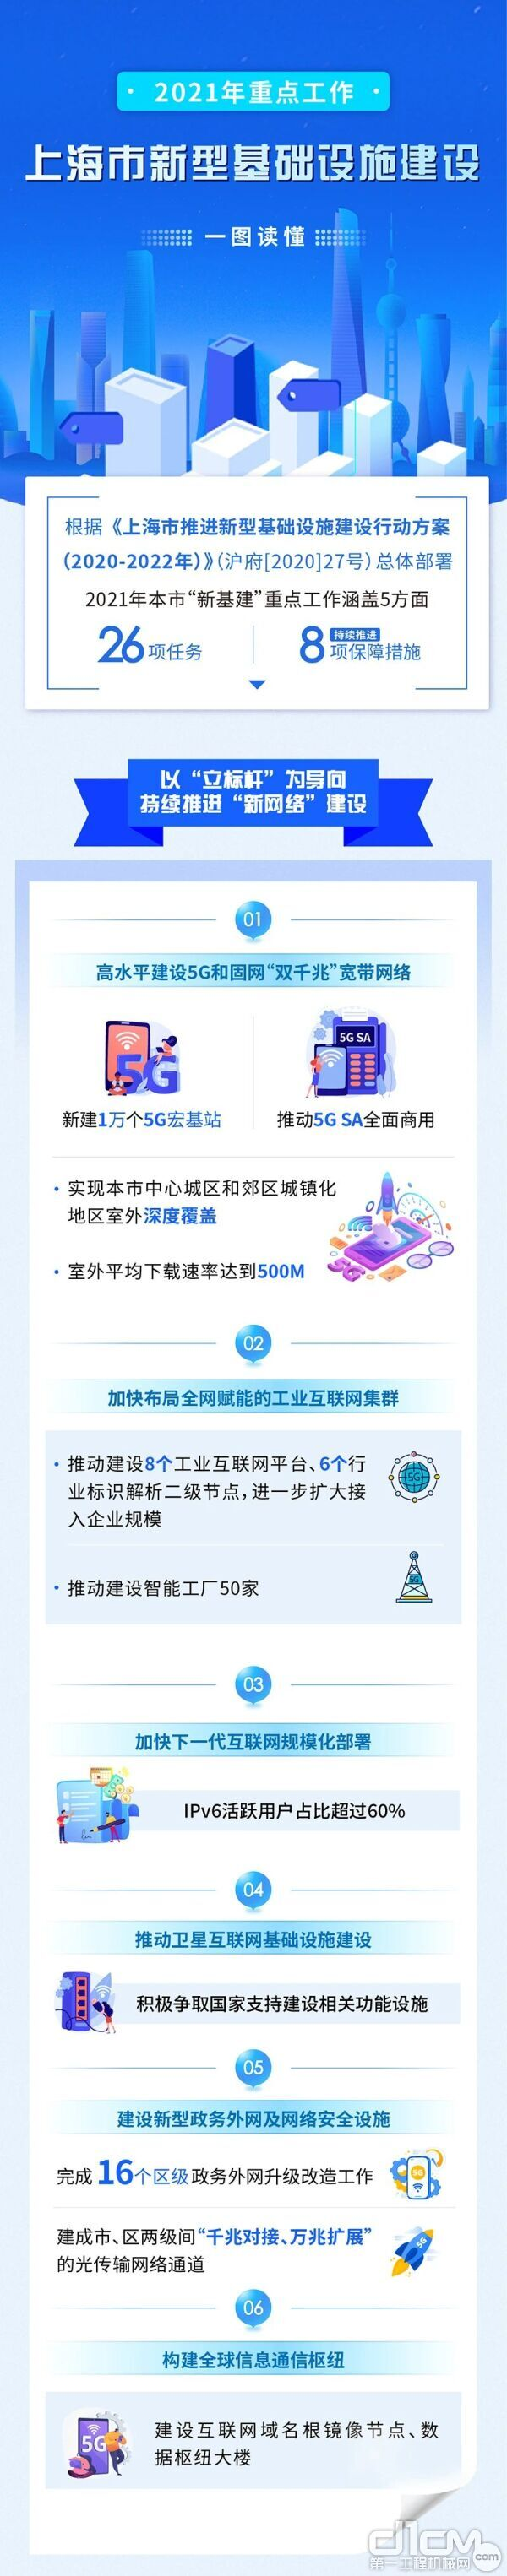 """上海""""新基建""""2021年工作重点"""